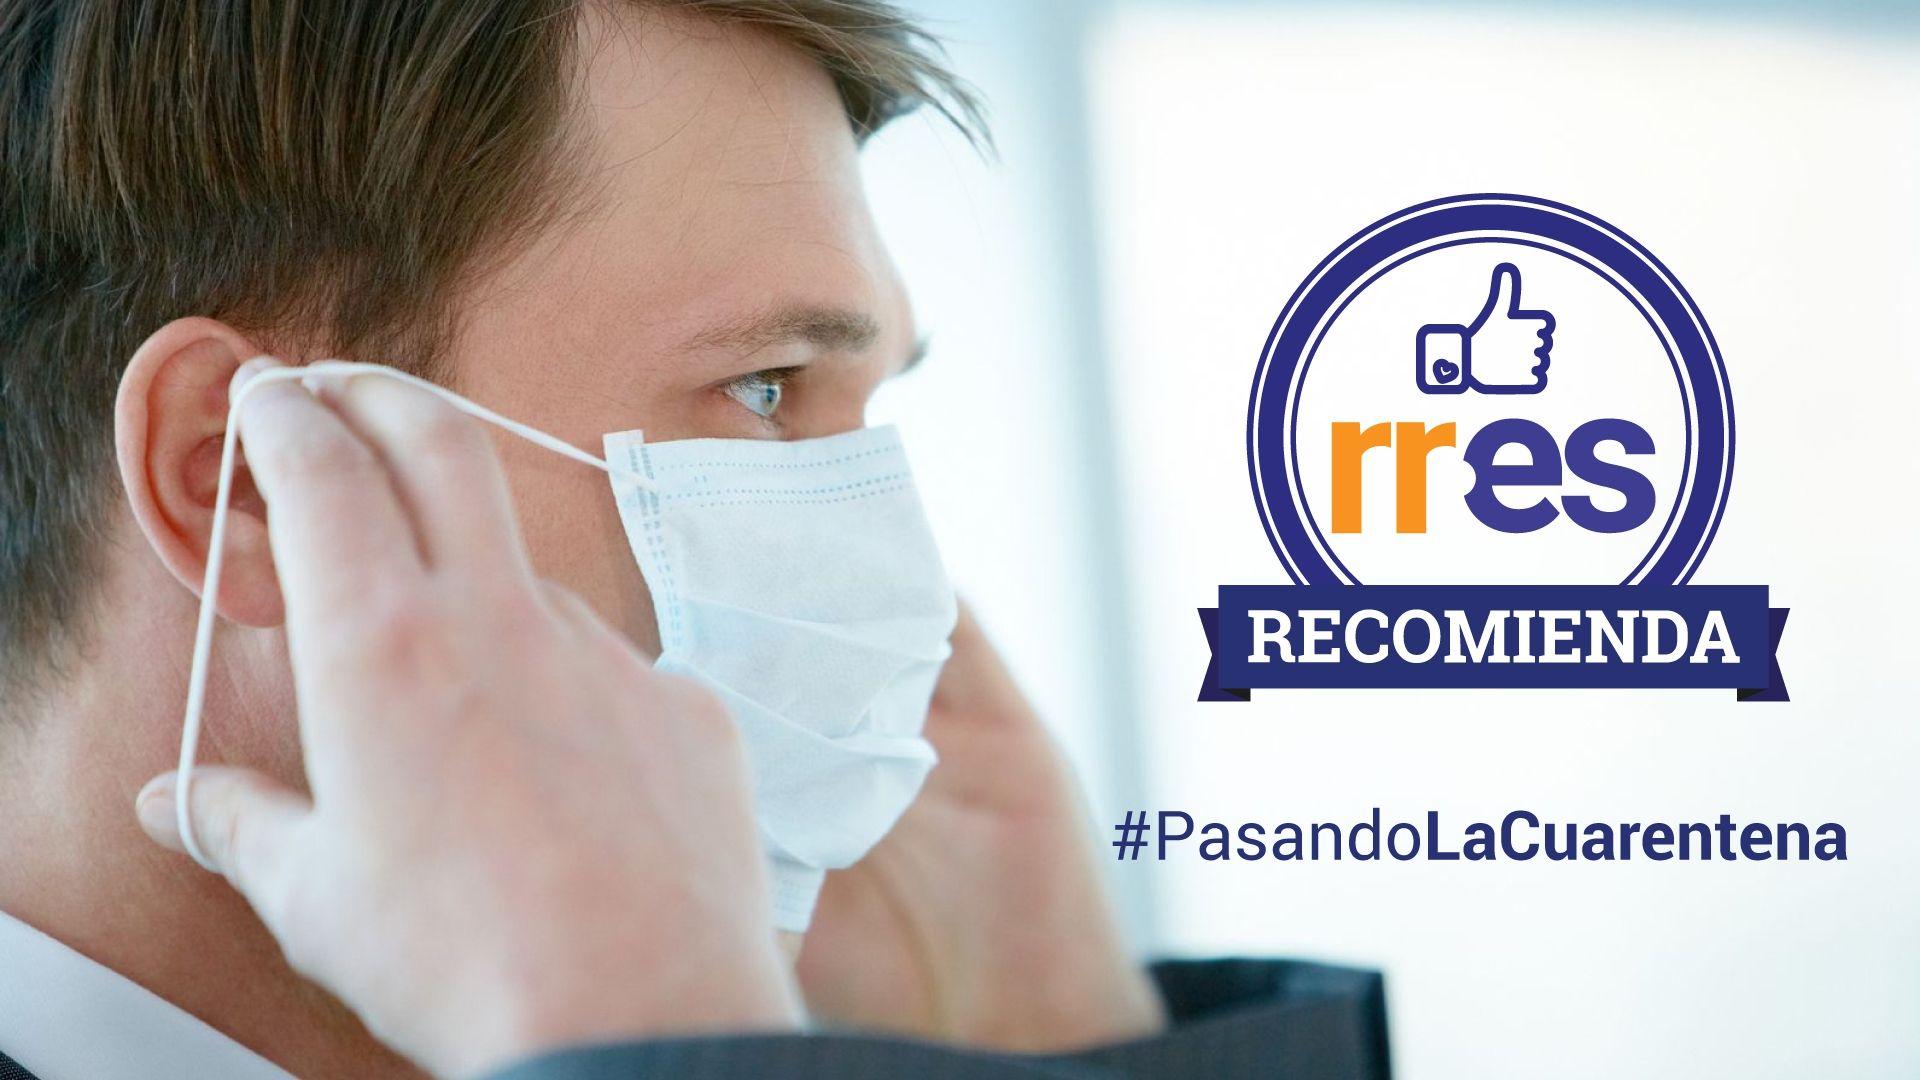 #PasandoLaCuarentena | Consejos para prevenir el contagio de COVID-19 en flexibilización